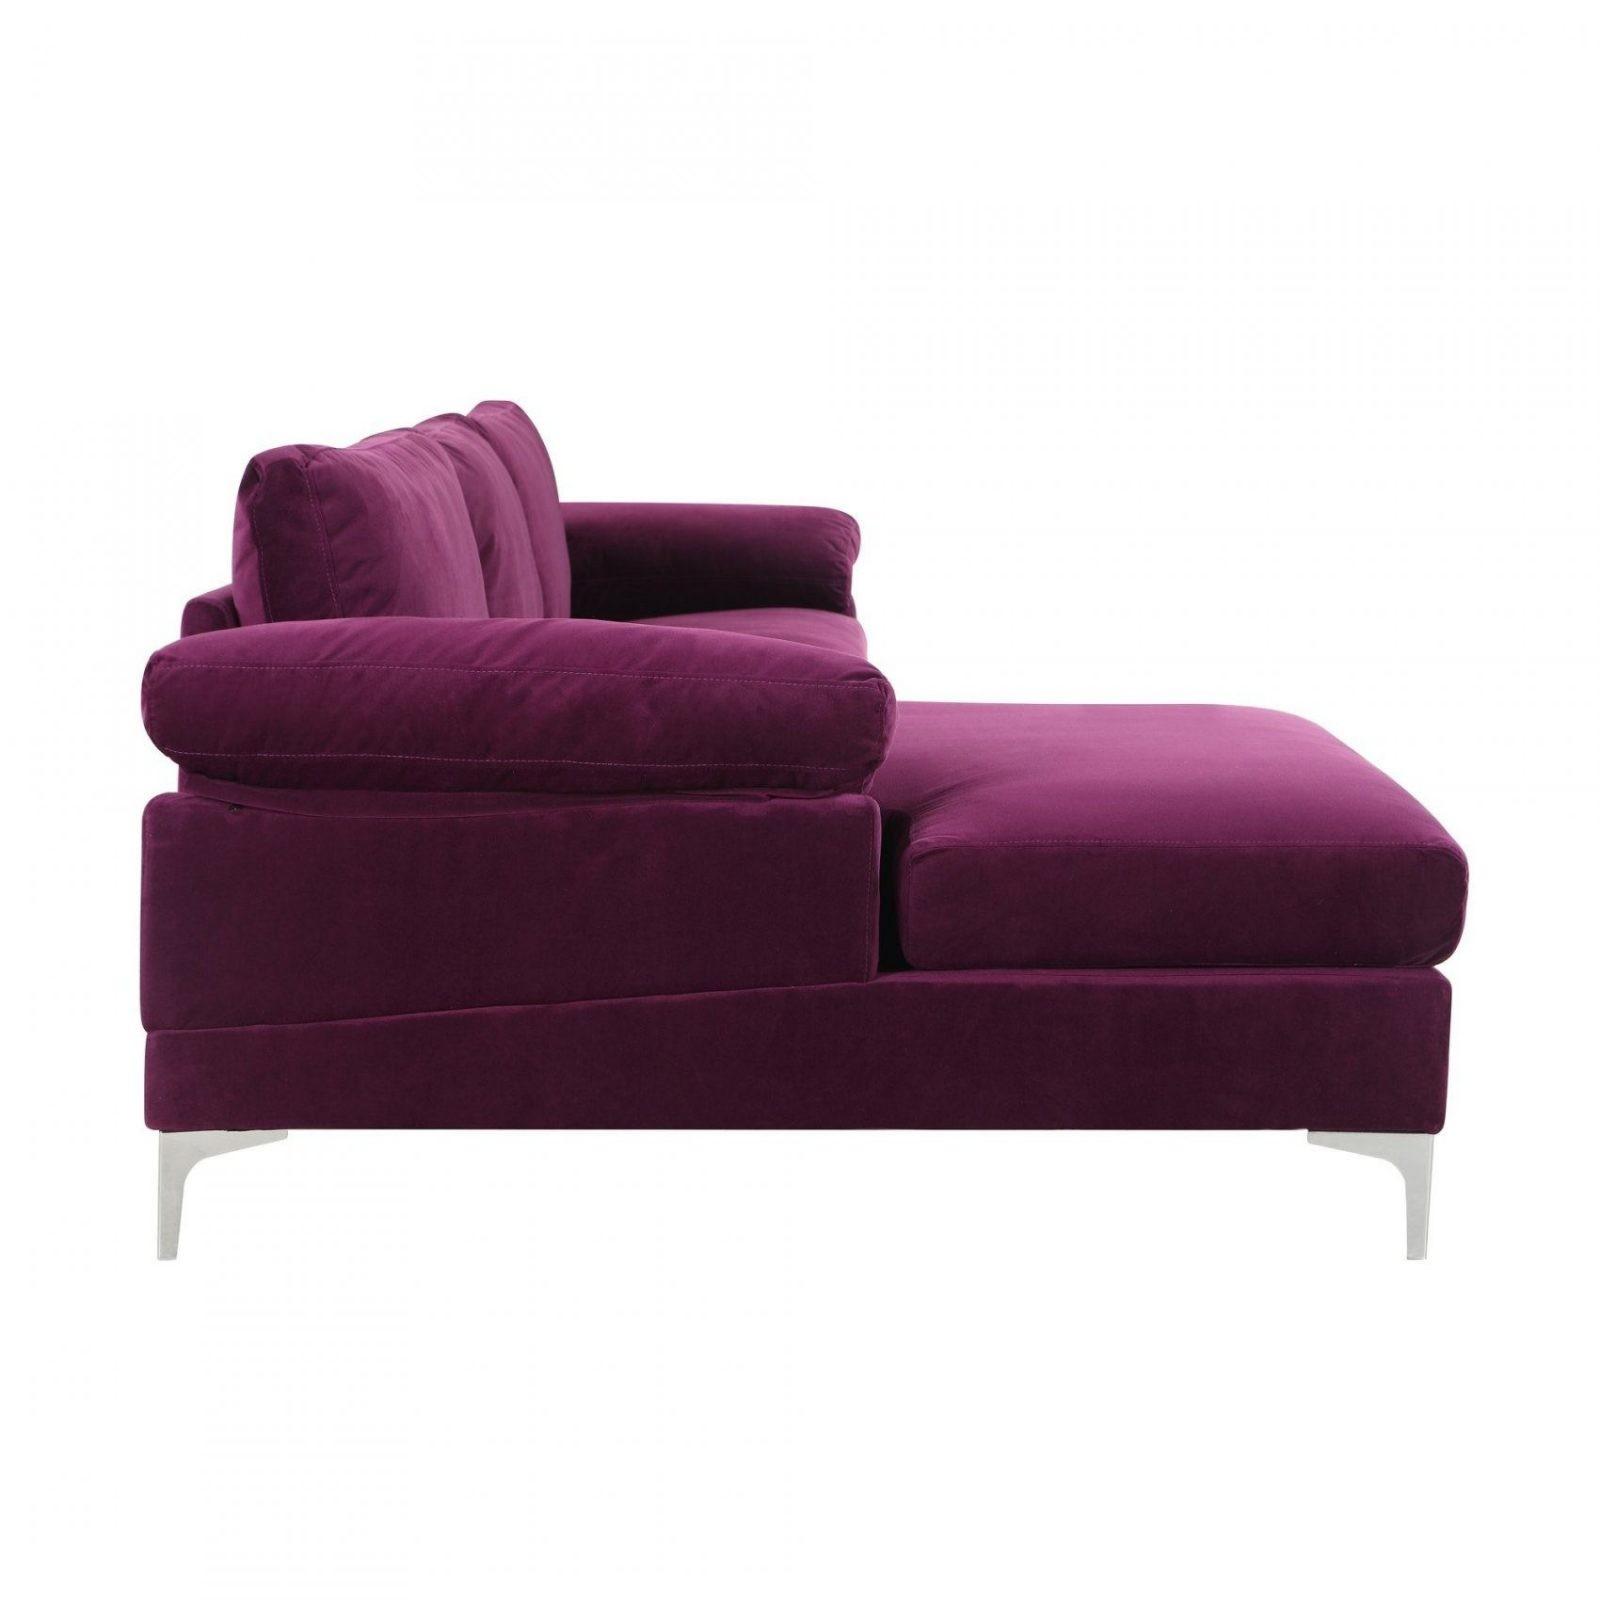 Sofa Design  Atemberaubend Ecksofas Für Kleine Räume Stylisches von Ecksofas Für Kleine Räume Photo